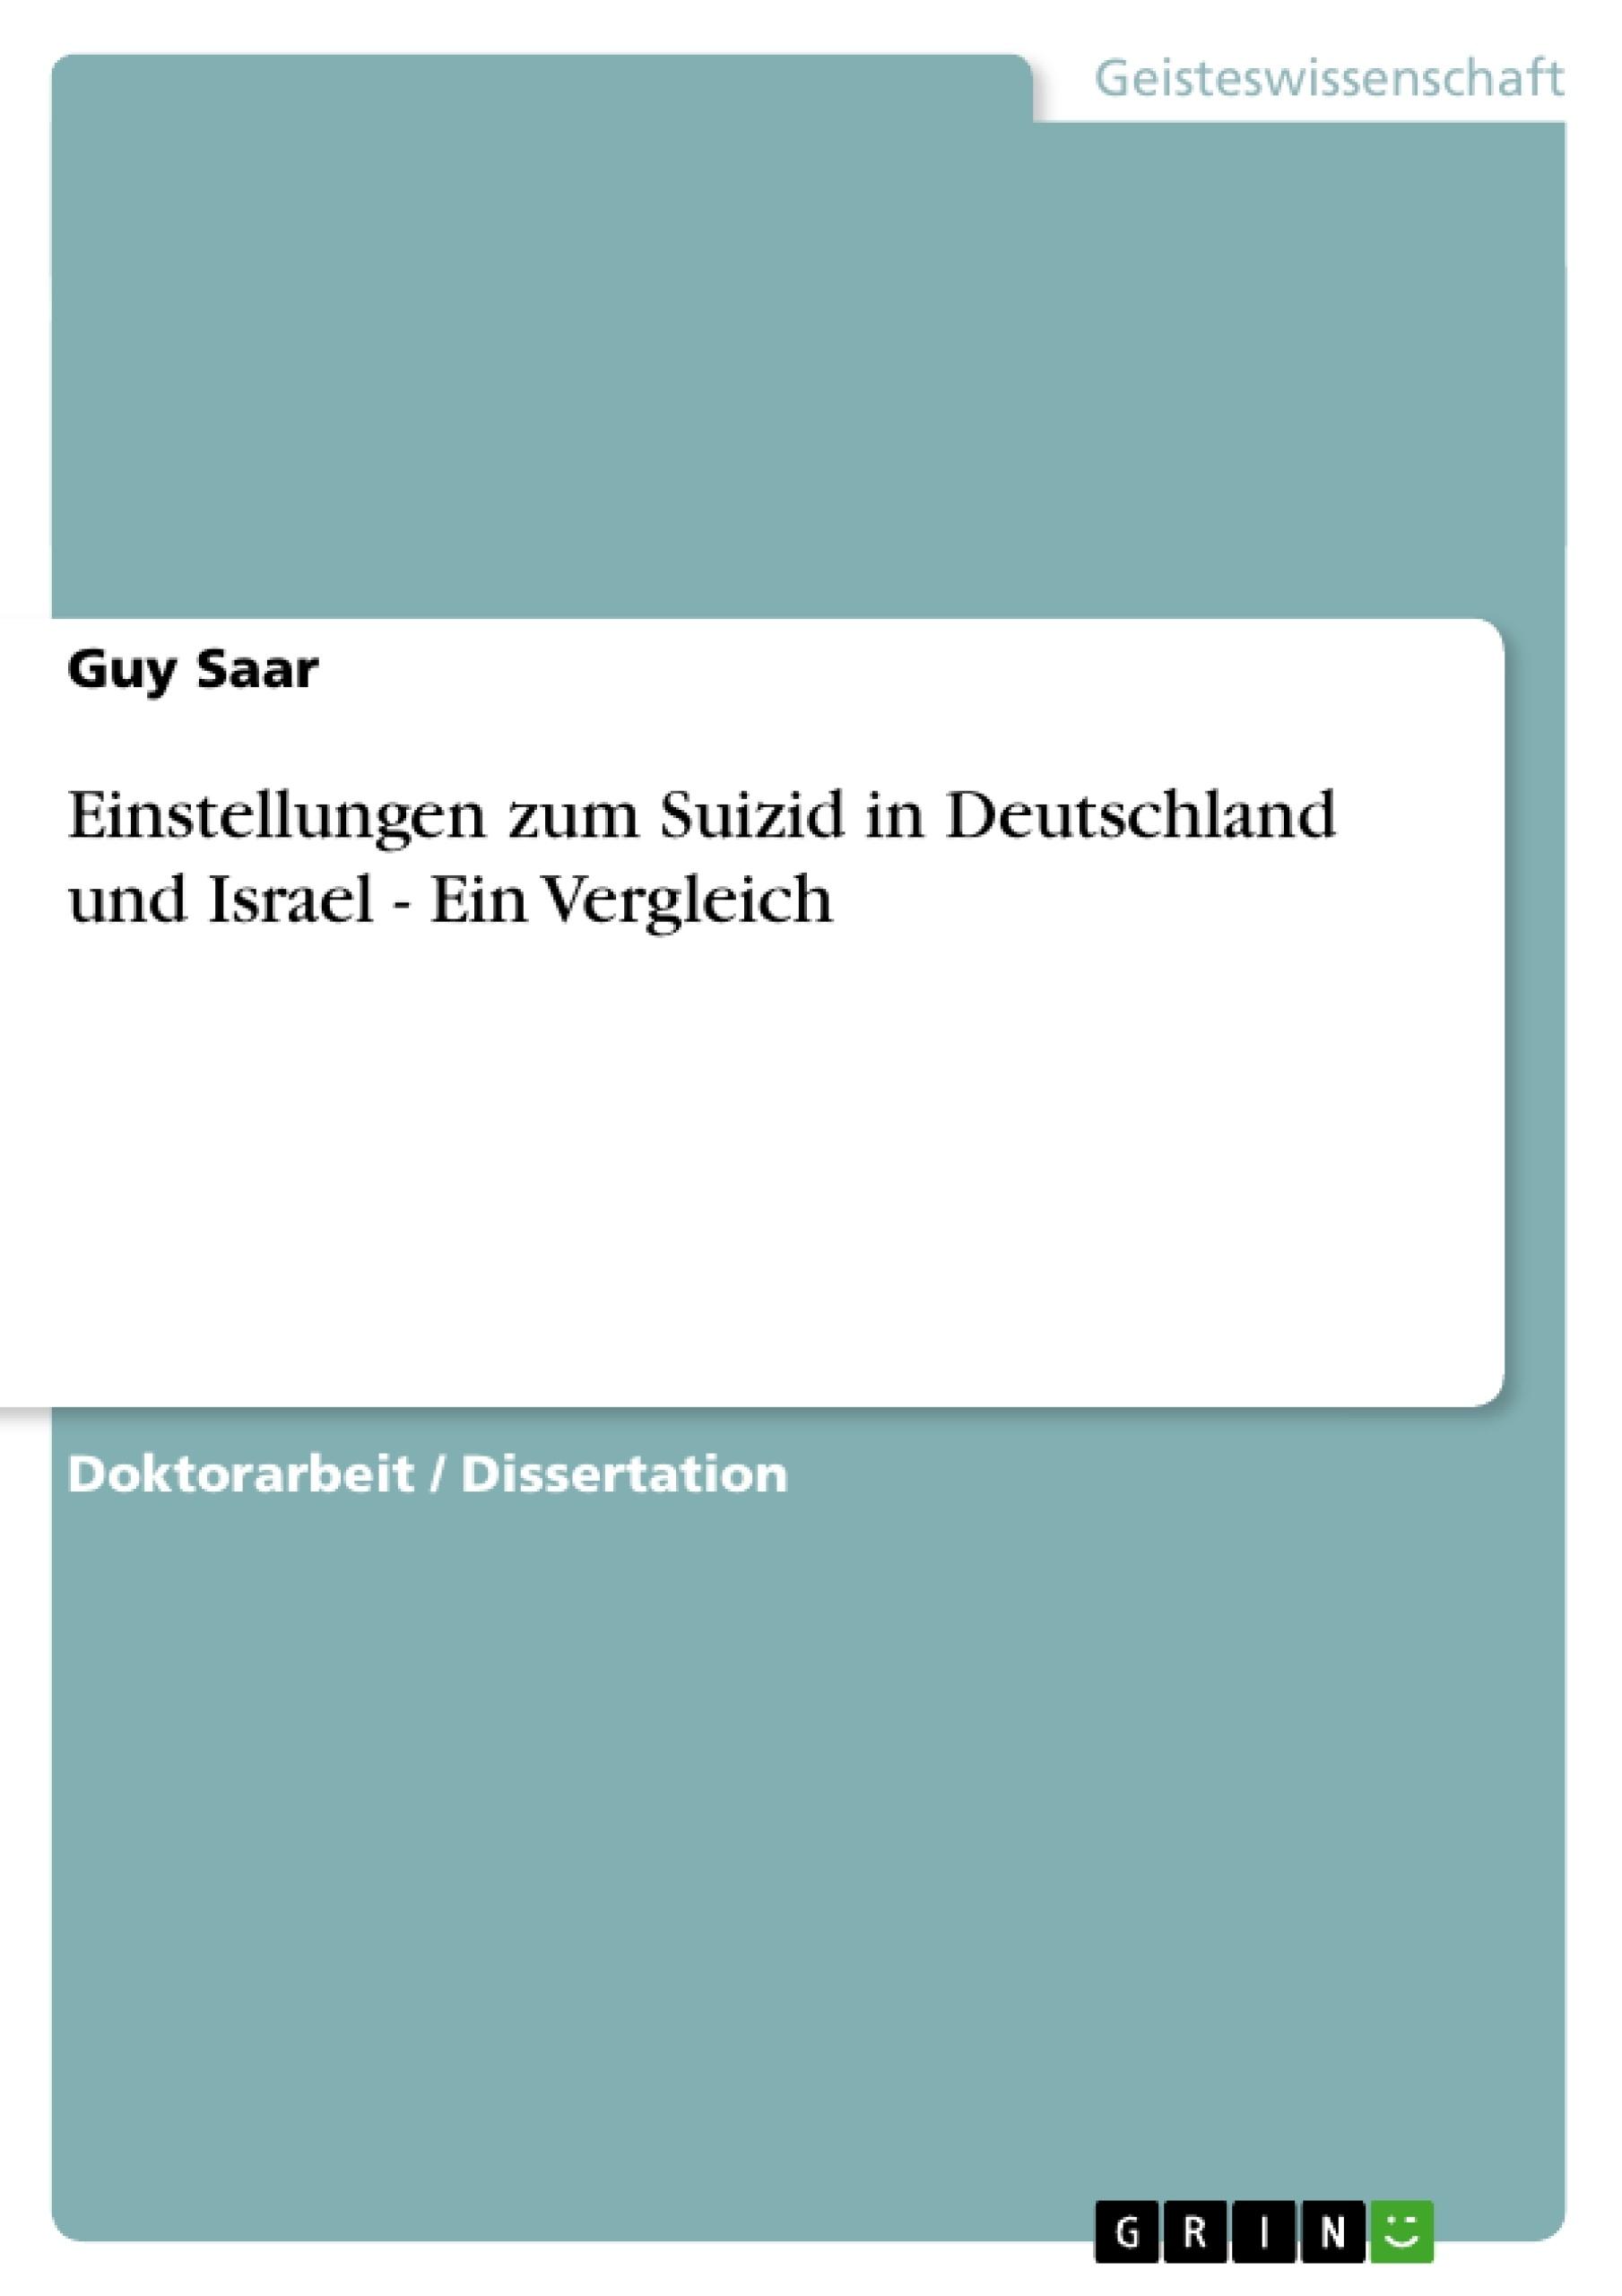 Titel: Einstellungen zum Suizid  in Deutschland und Israel - Ein Vergleich